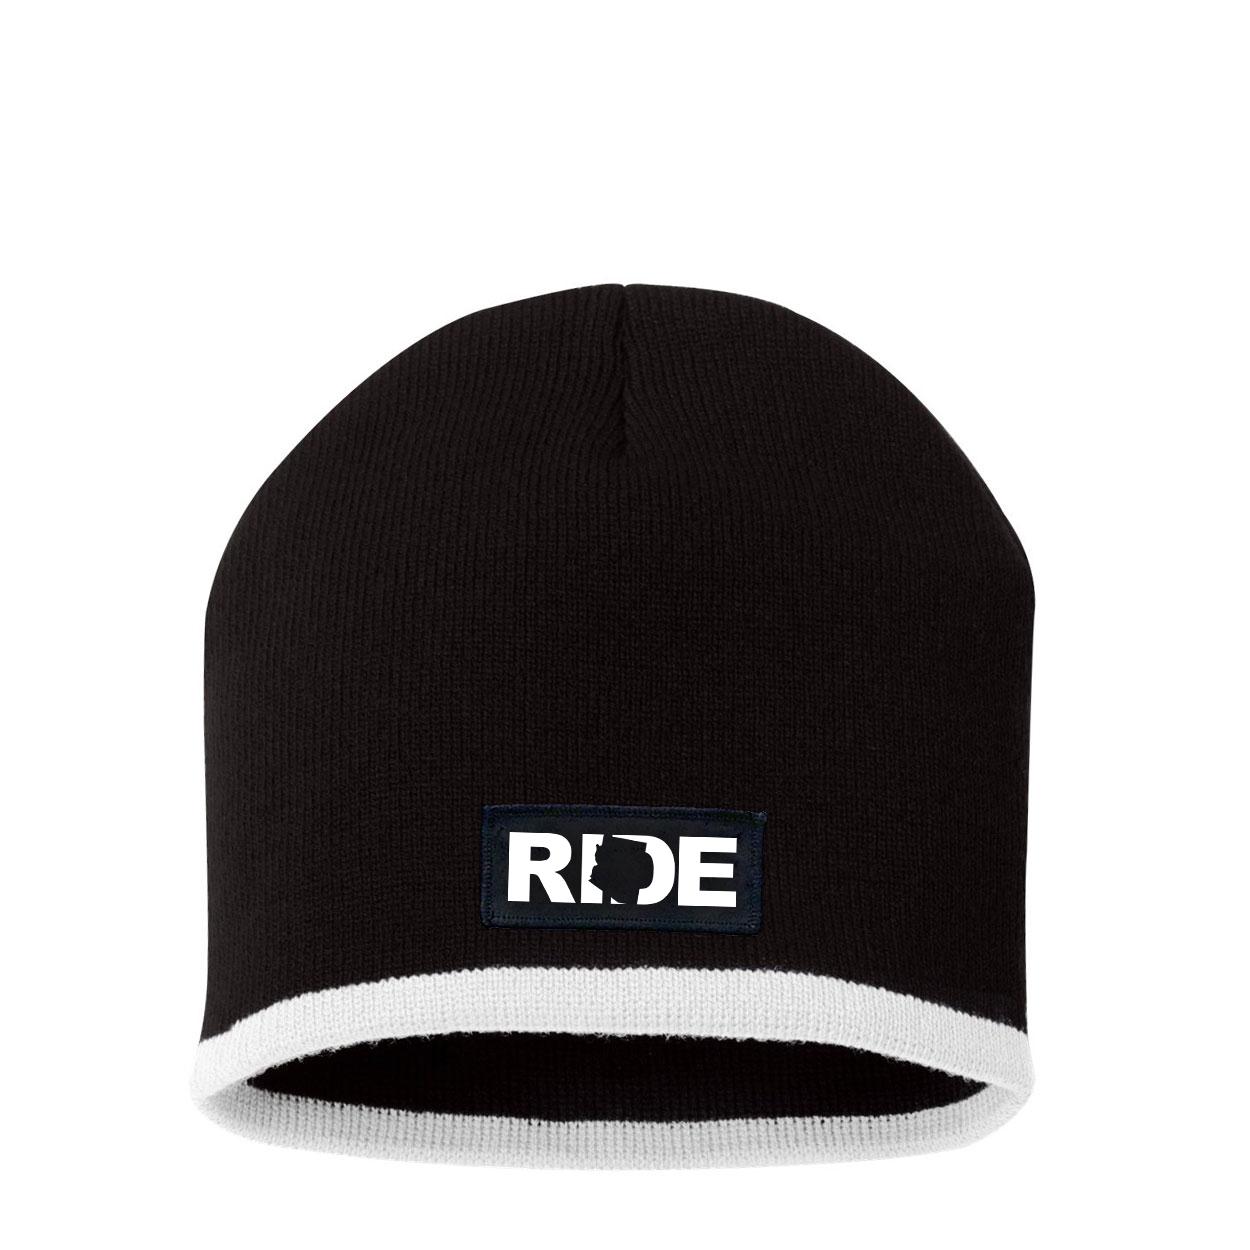 Ride Arizona Night Out Woven Patch Skully Beanie Black/White (White Logo)